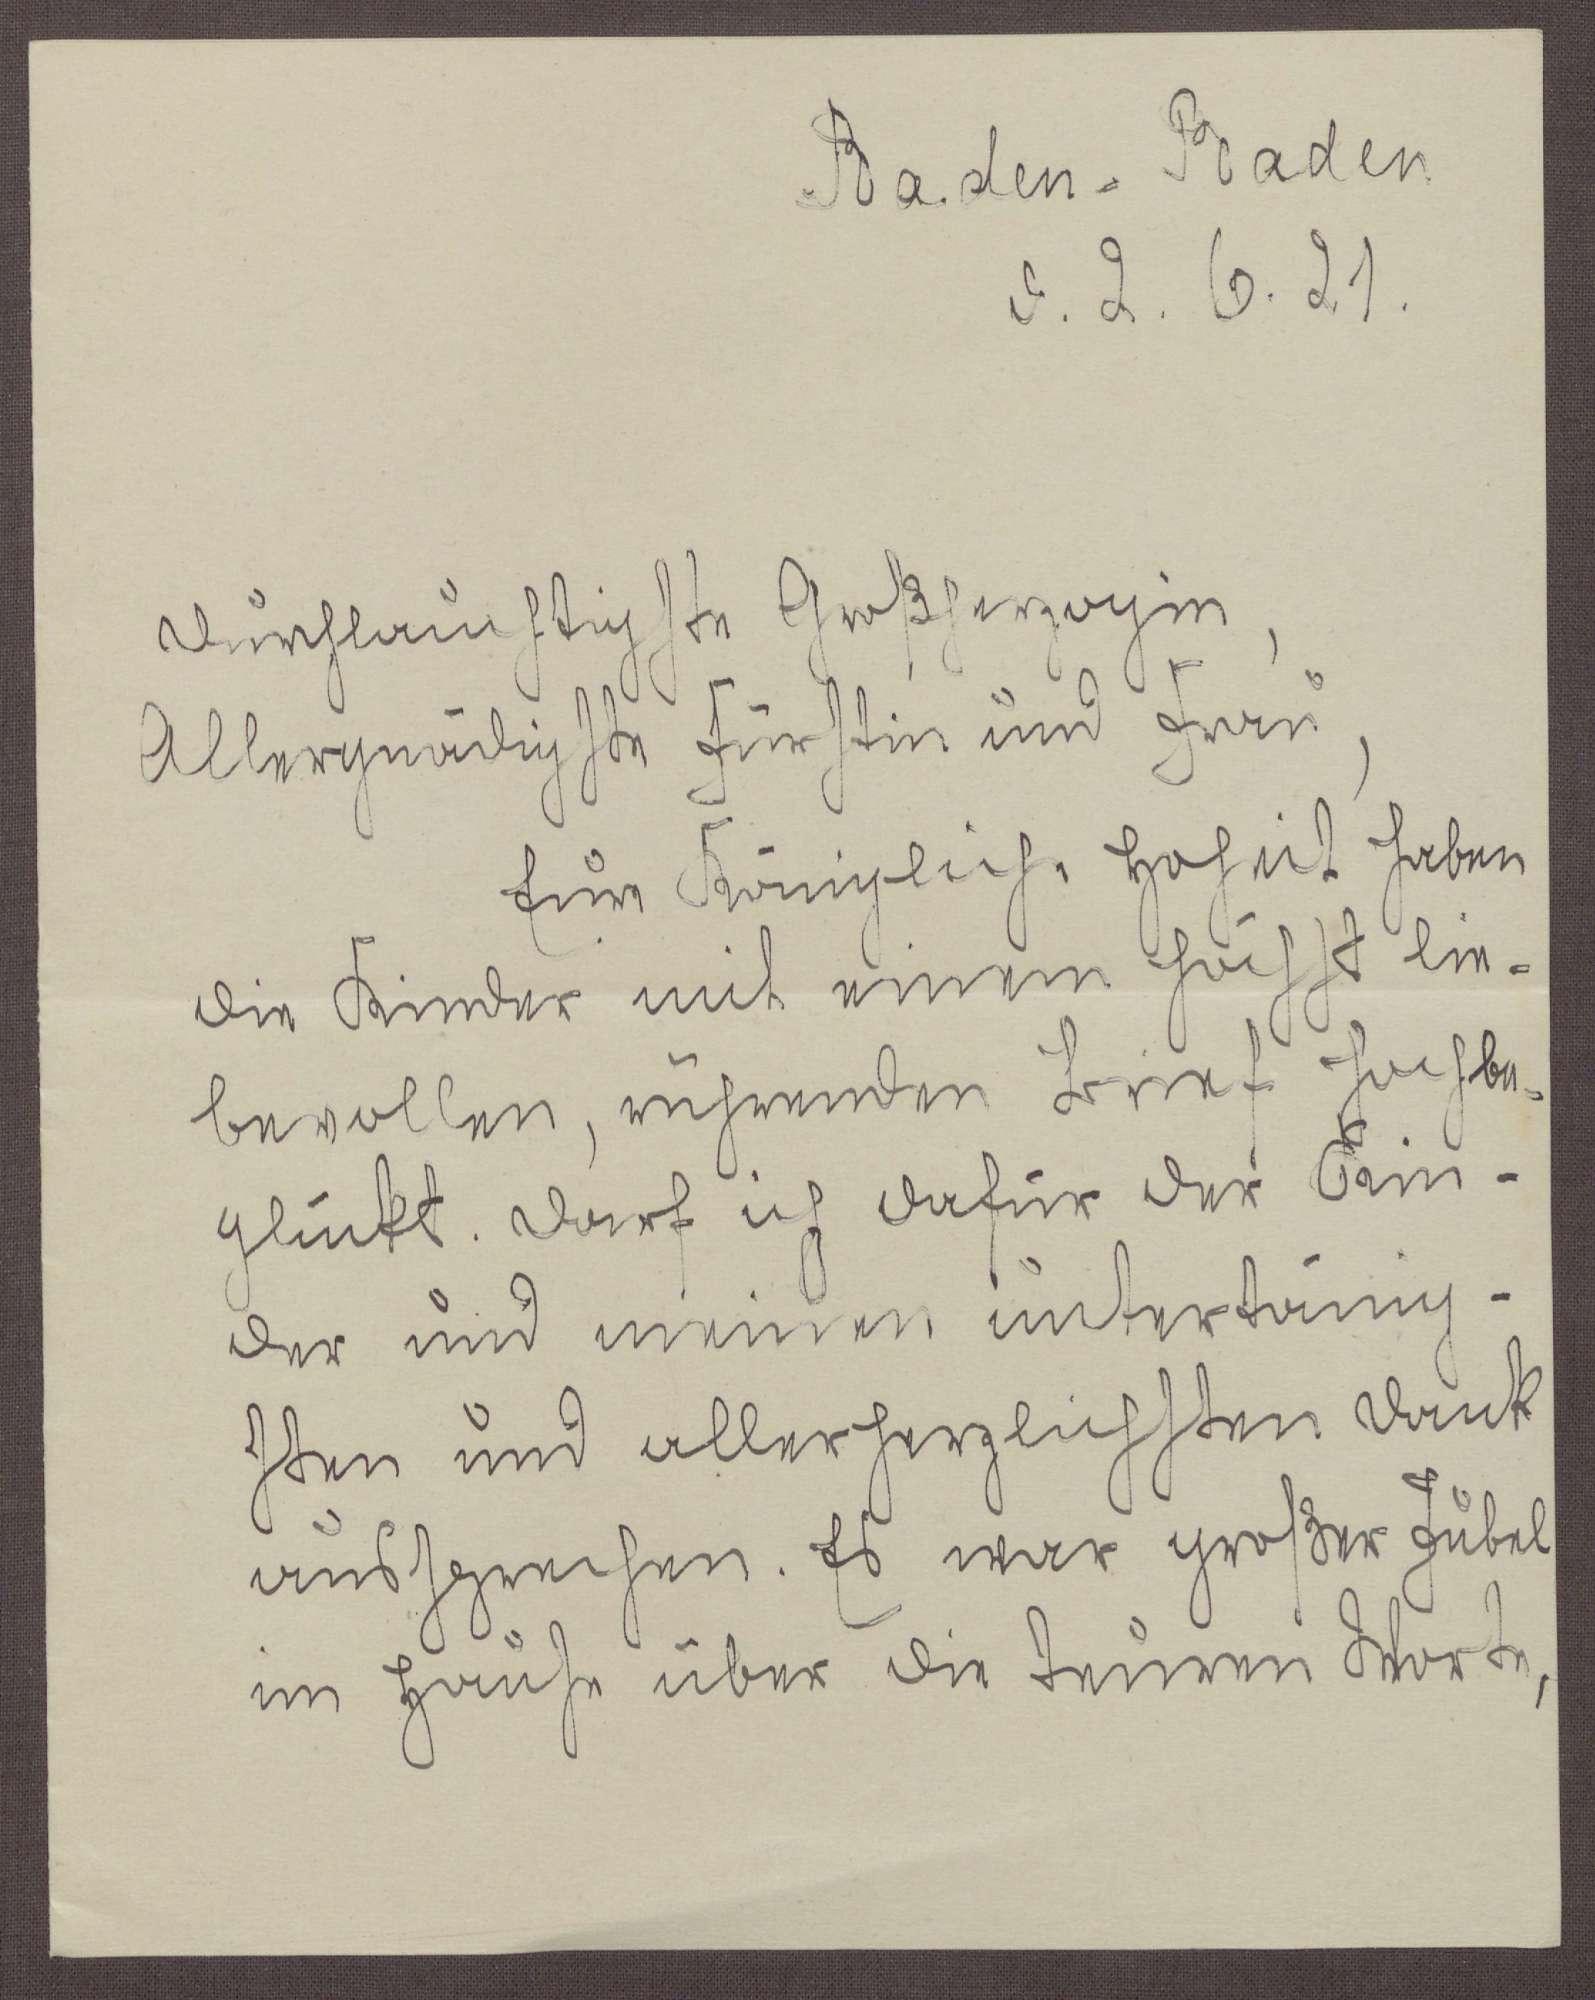 Schreiben von Emilie Göler an die Großherzogin Luise; Aufenthalt der Großherzogin auf der Insel Mainau; Probleme in der Schule, Bild 1